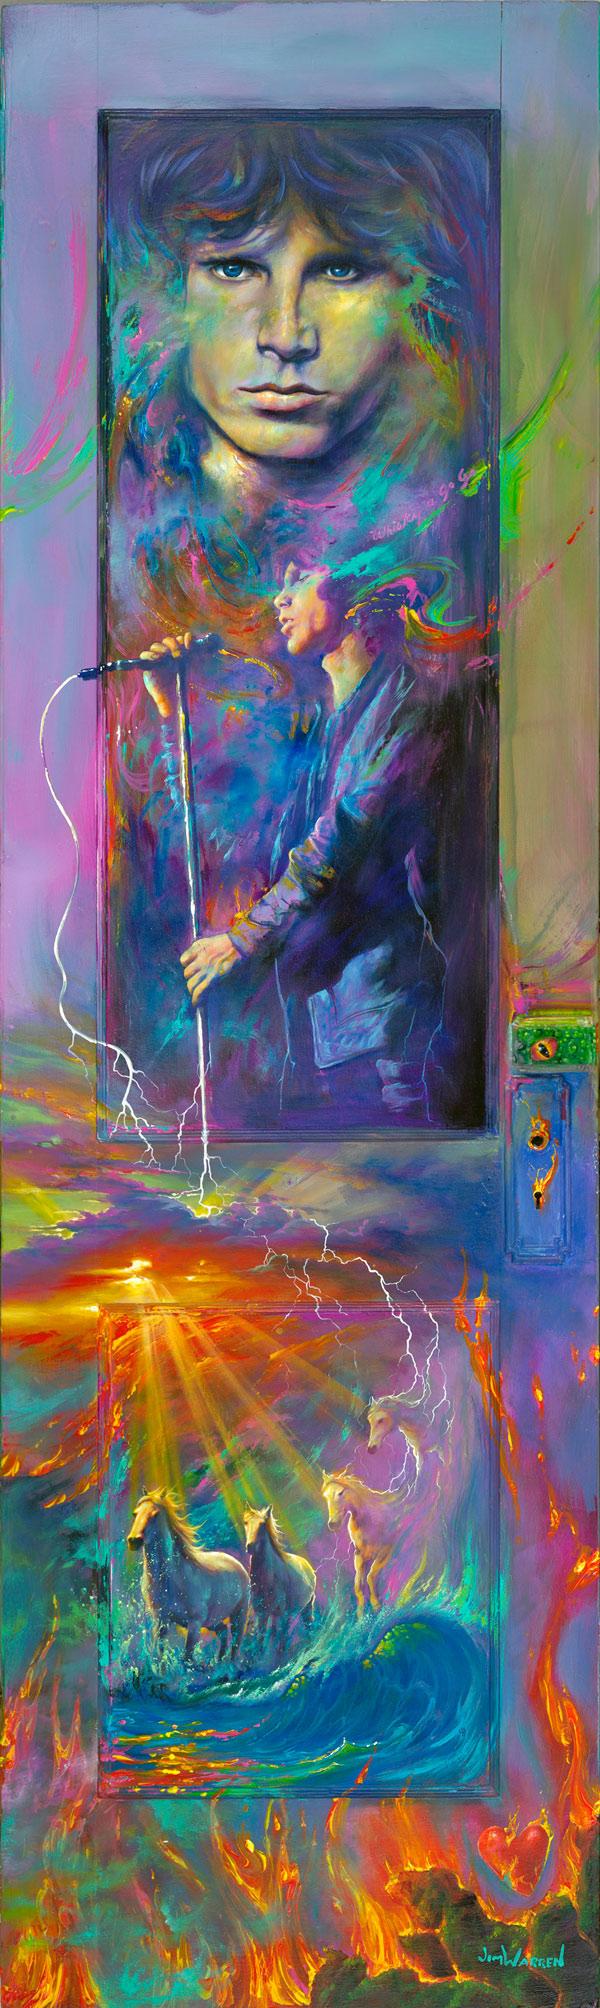 Jim Morrisonu0027s Door  sc 1 st  Jim Warren & Jim Morrisonu0027s Door - Jim Warren Studios pezcame.com